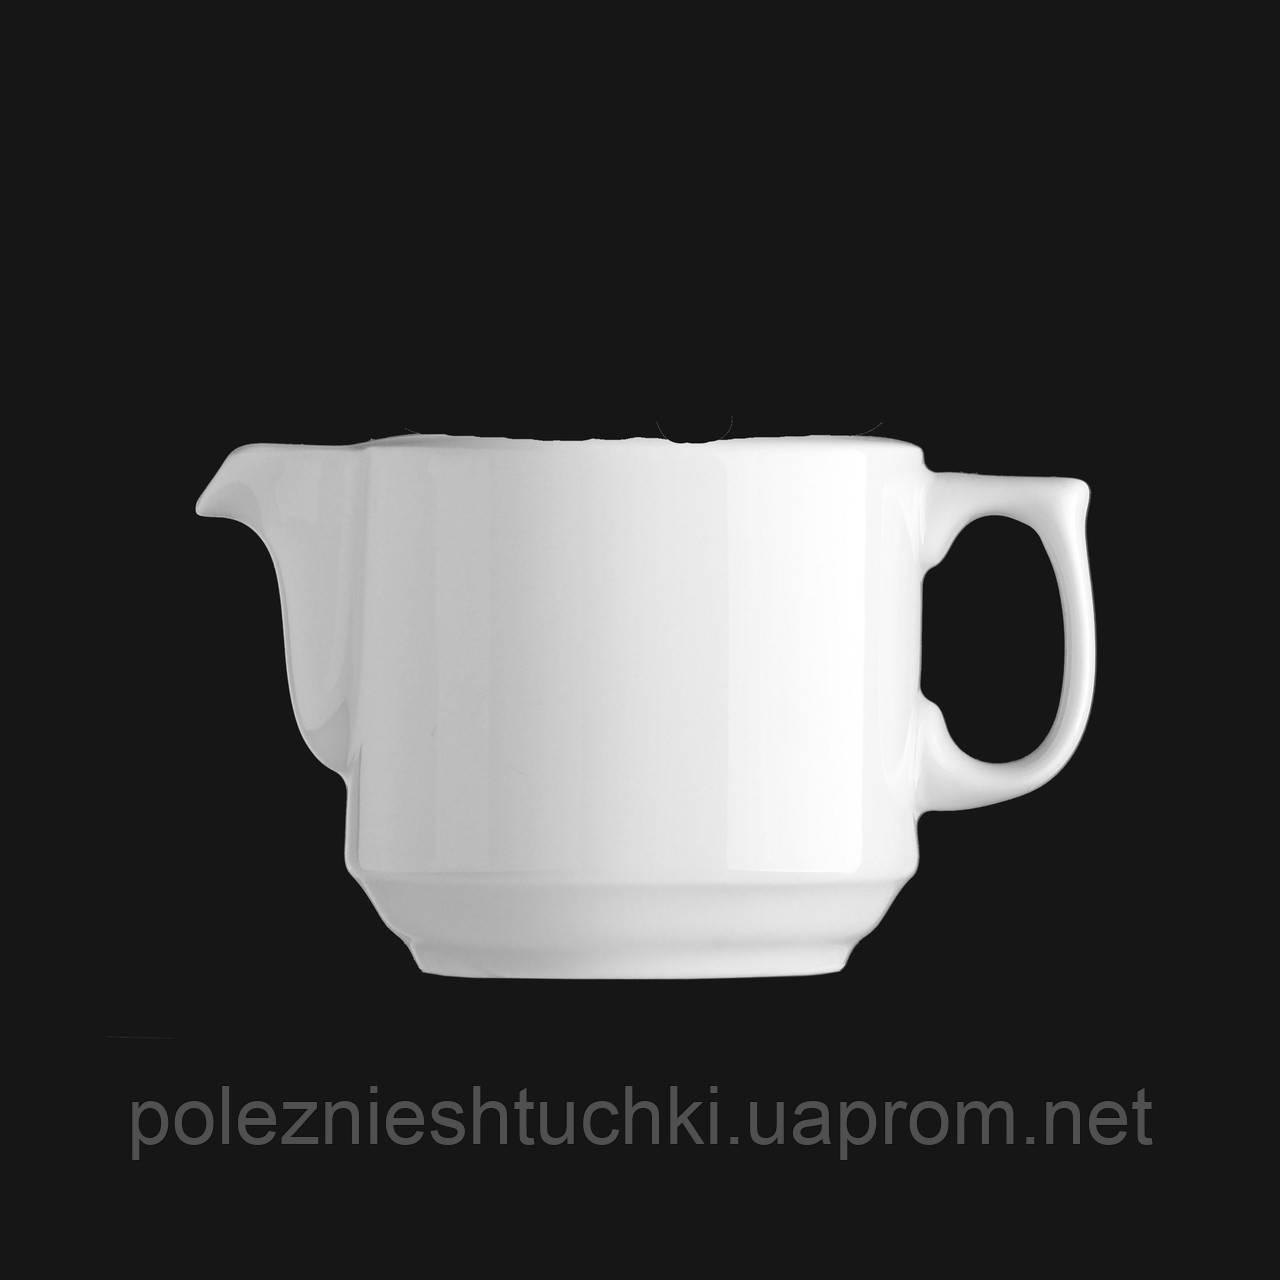 Чайник заварочный фарфоровый 750 мл. без крышки, белый Praha, G.Benedikt